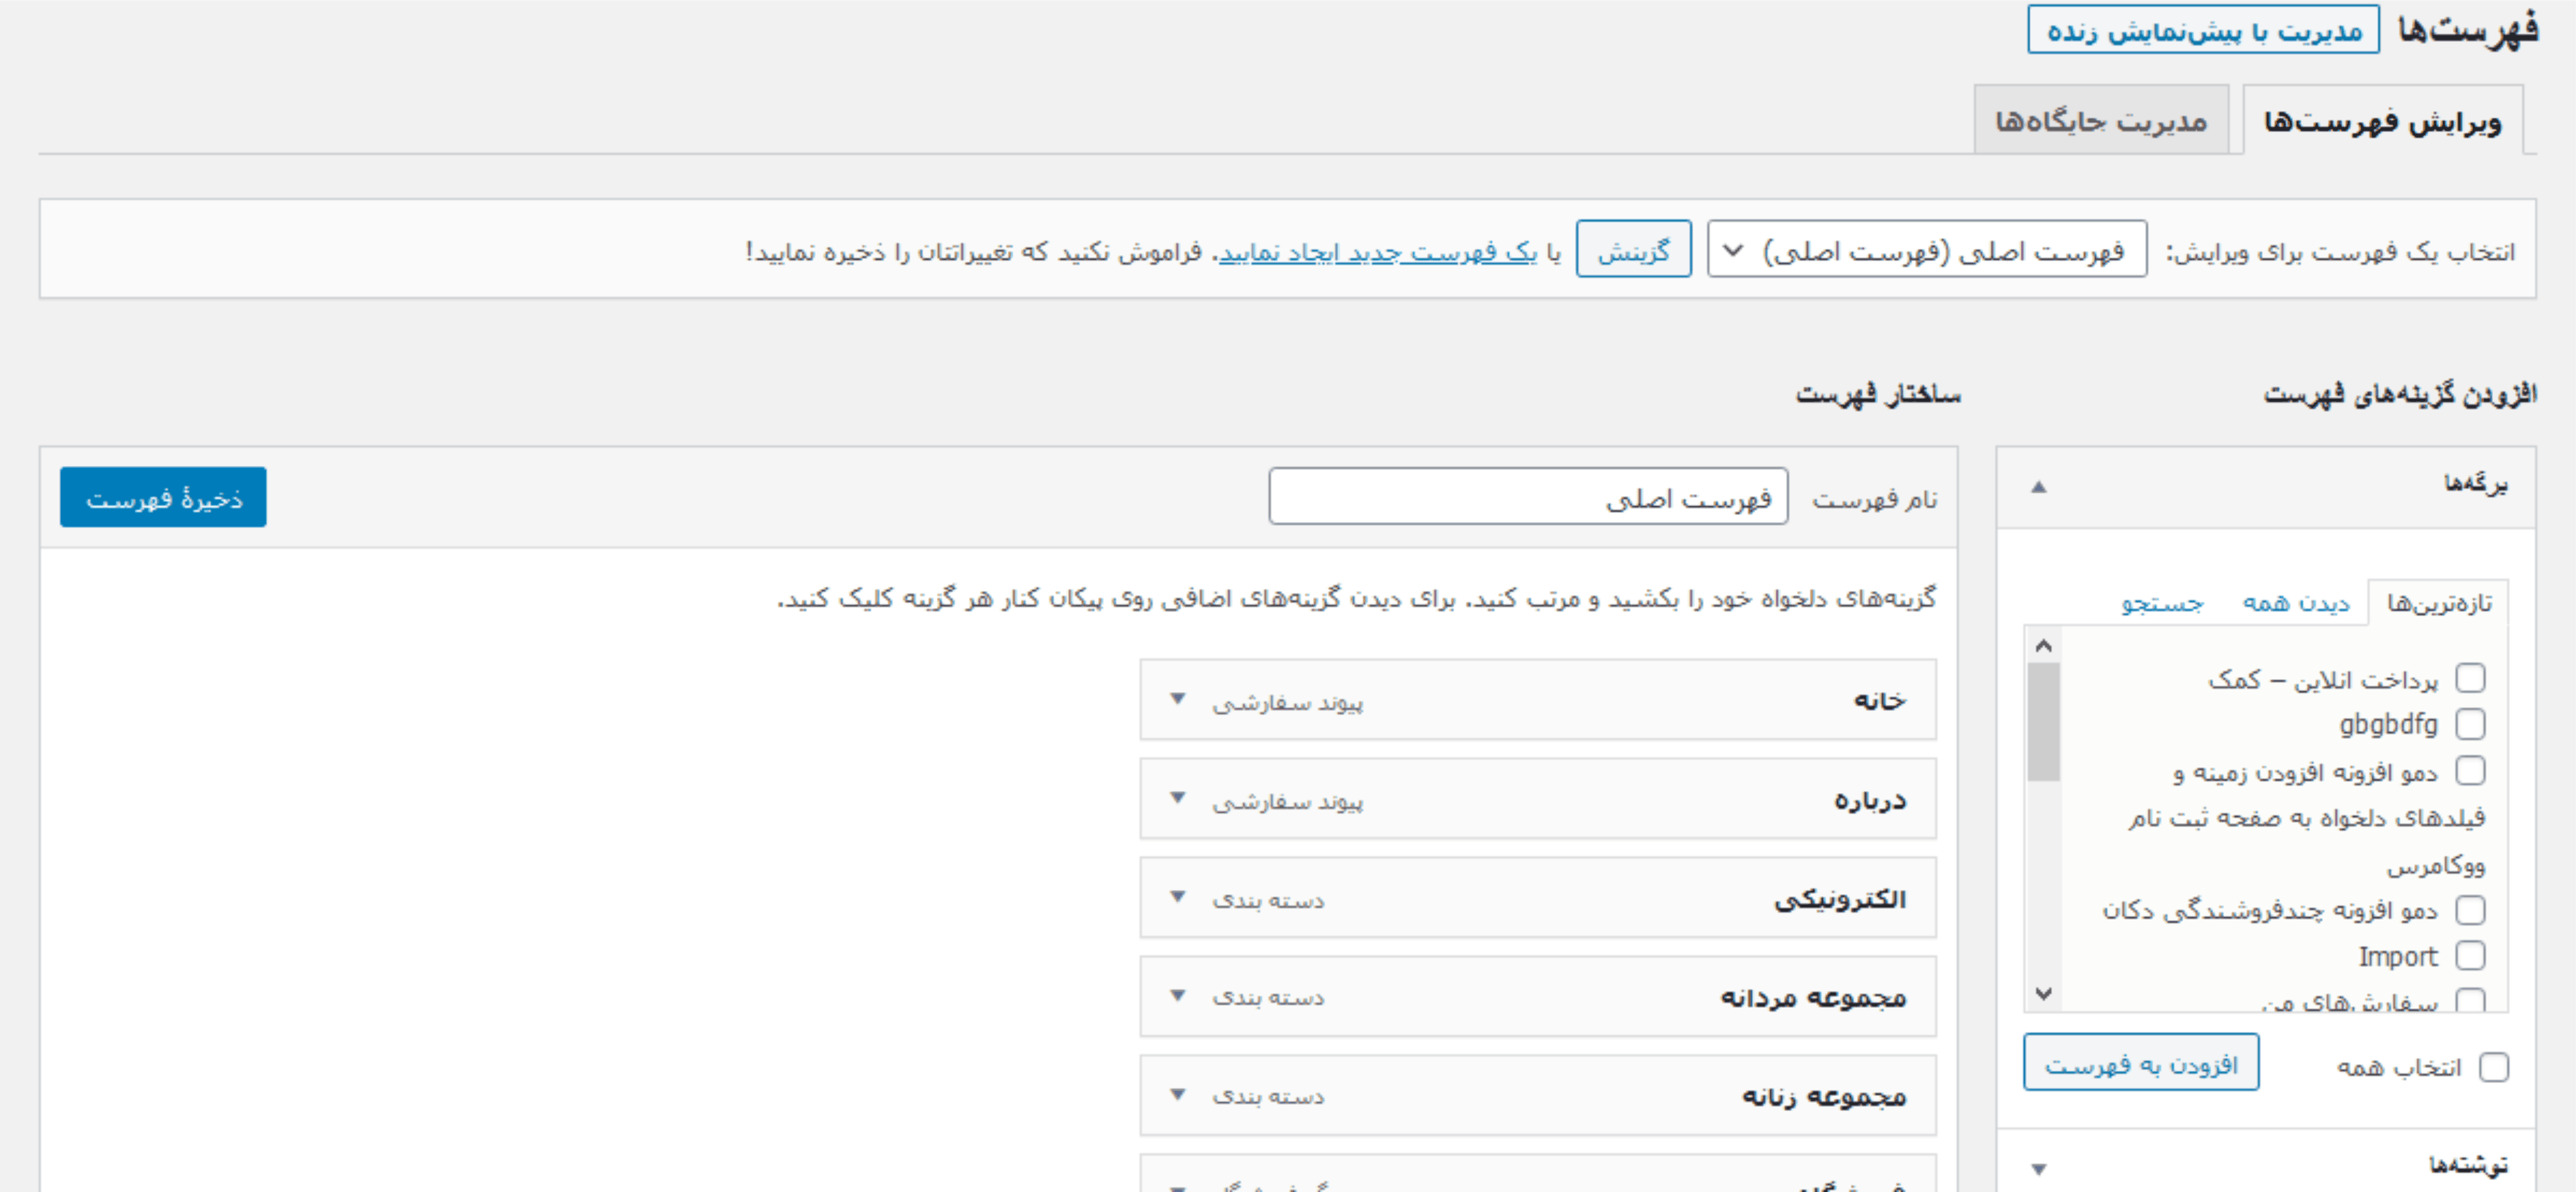 ساخت فهرست در وردپرس رویال سایت